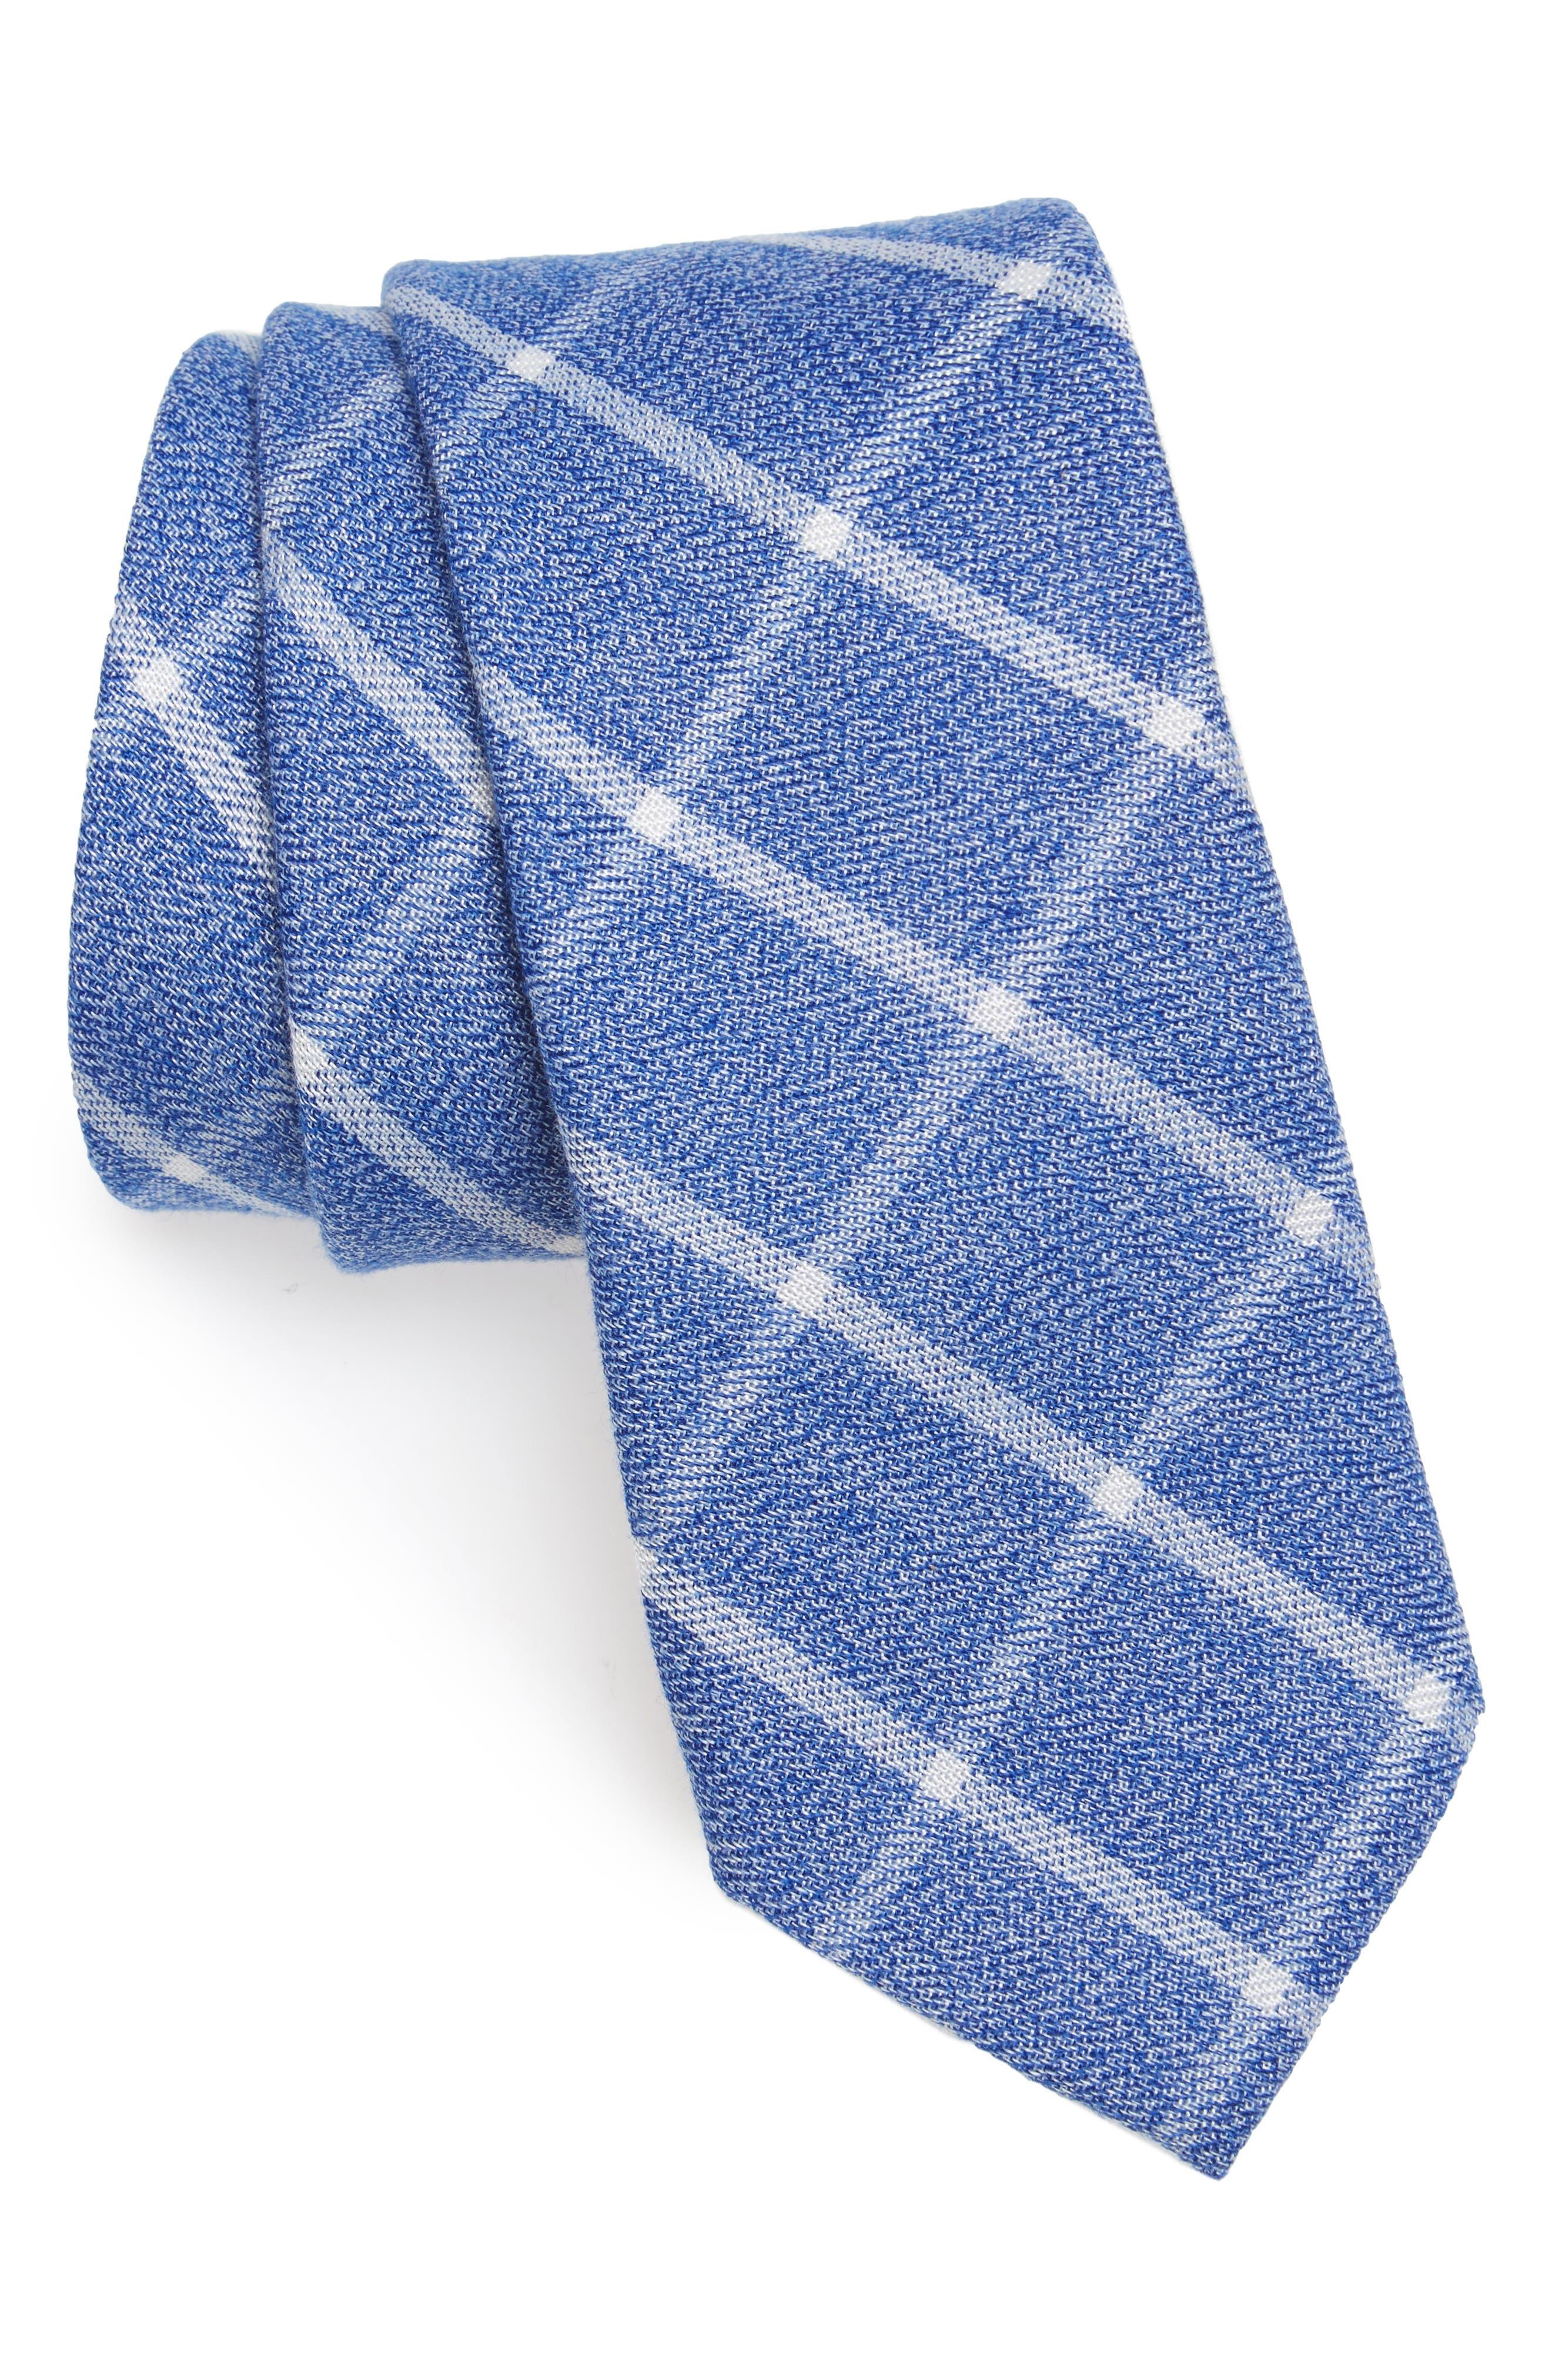 Nordstrom Men's Shop Wilbur Check Cotton Tie